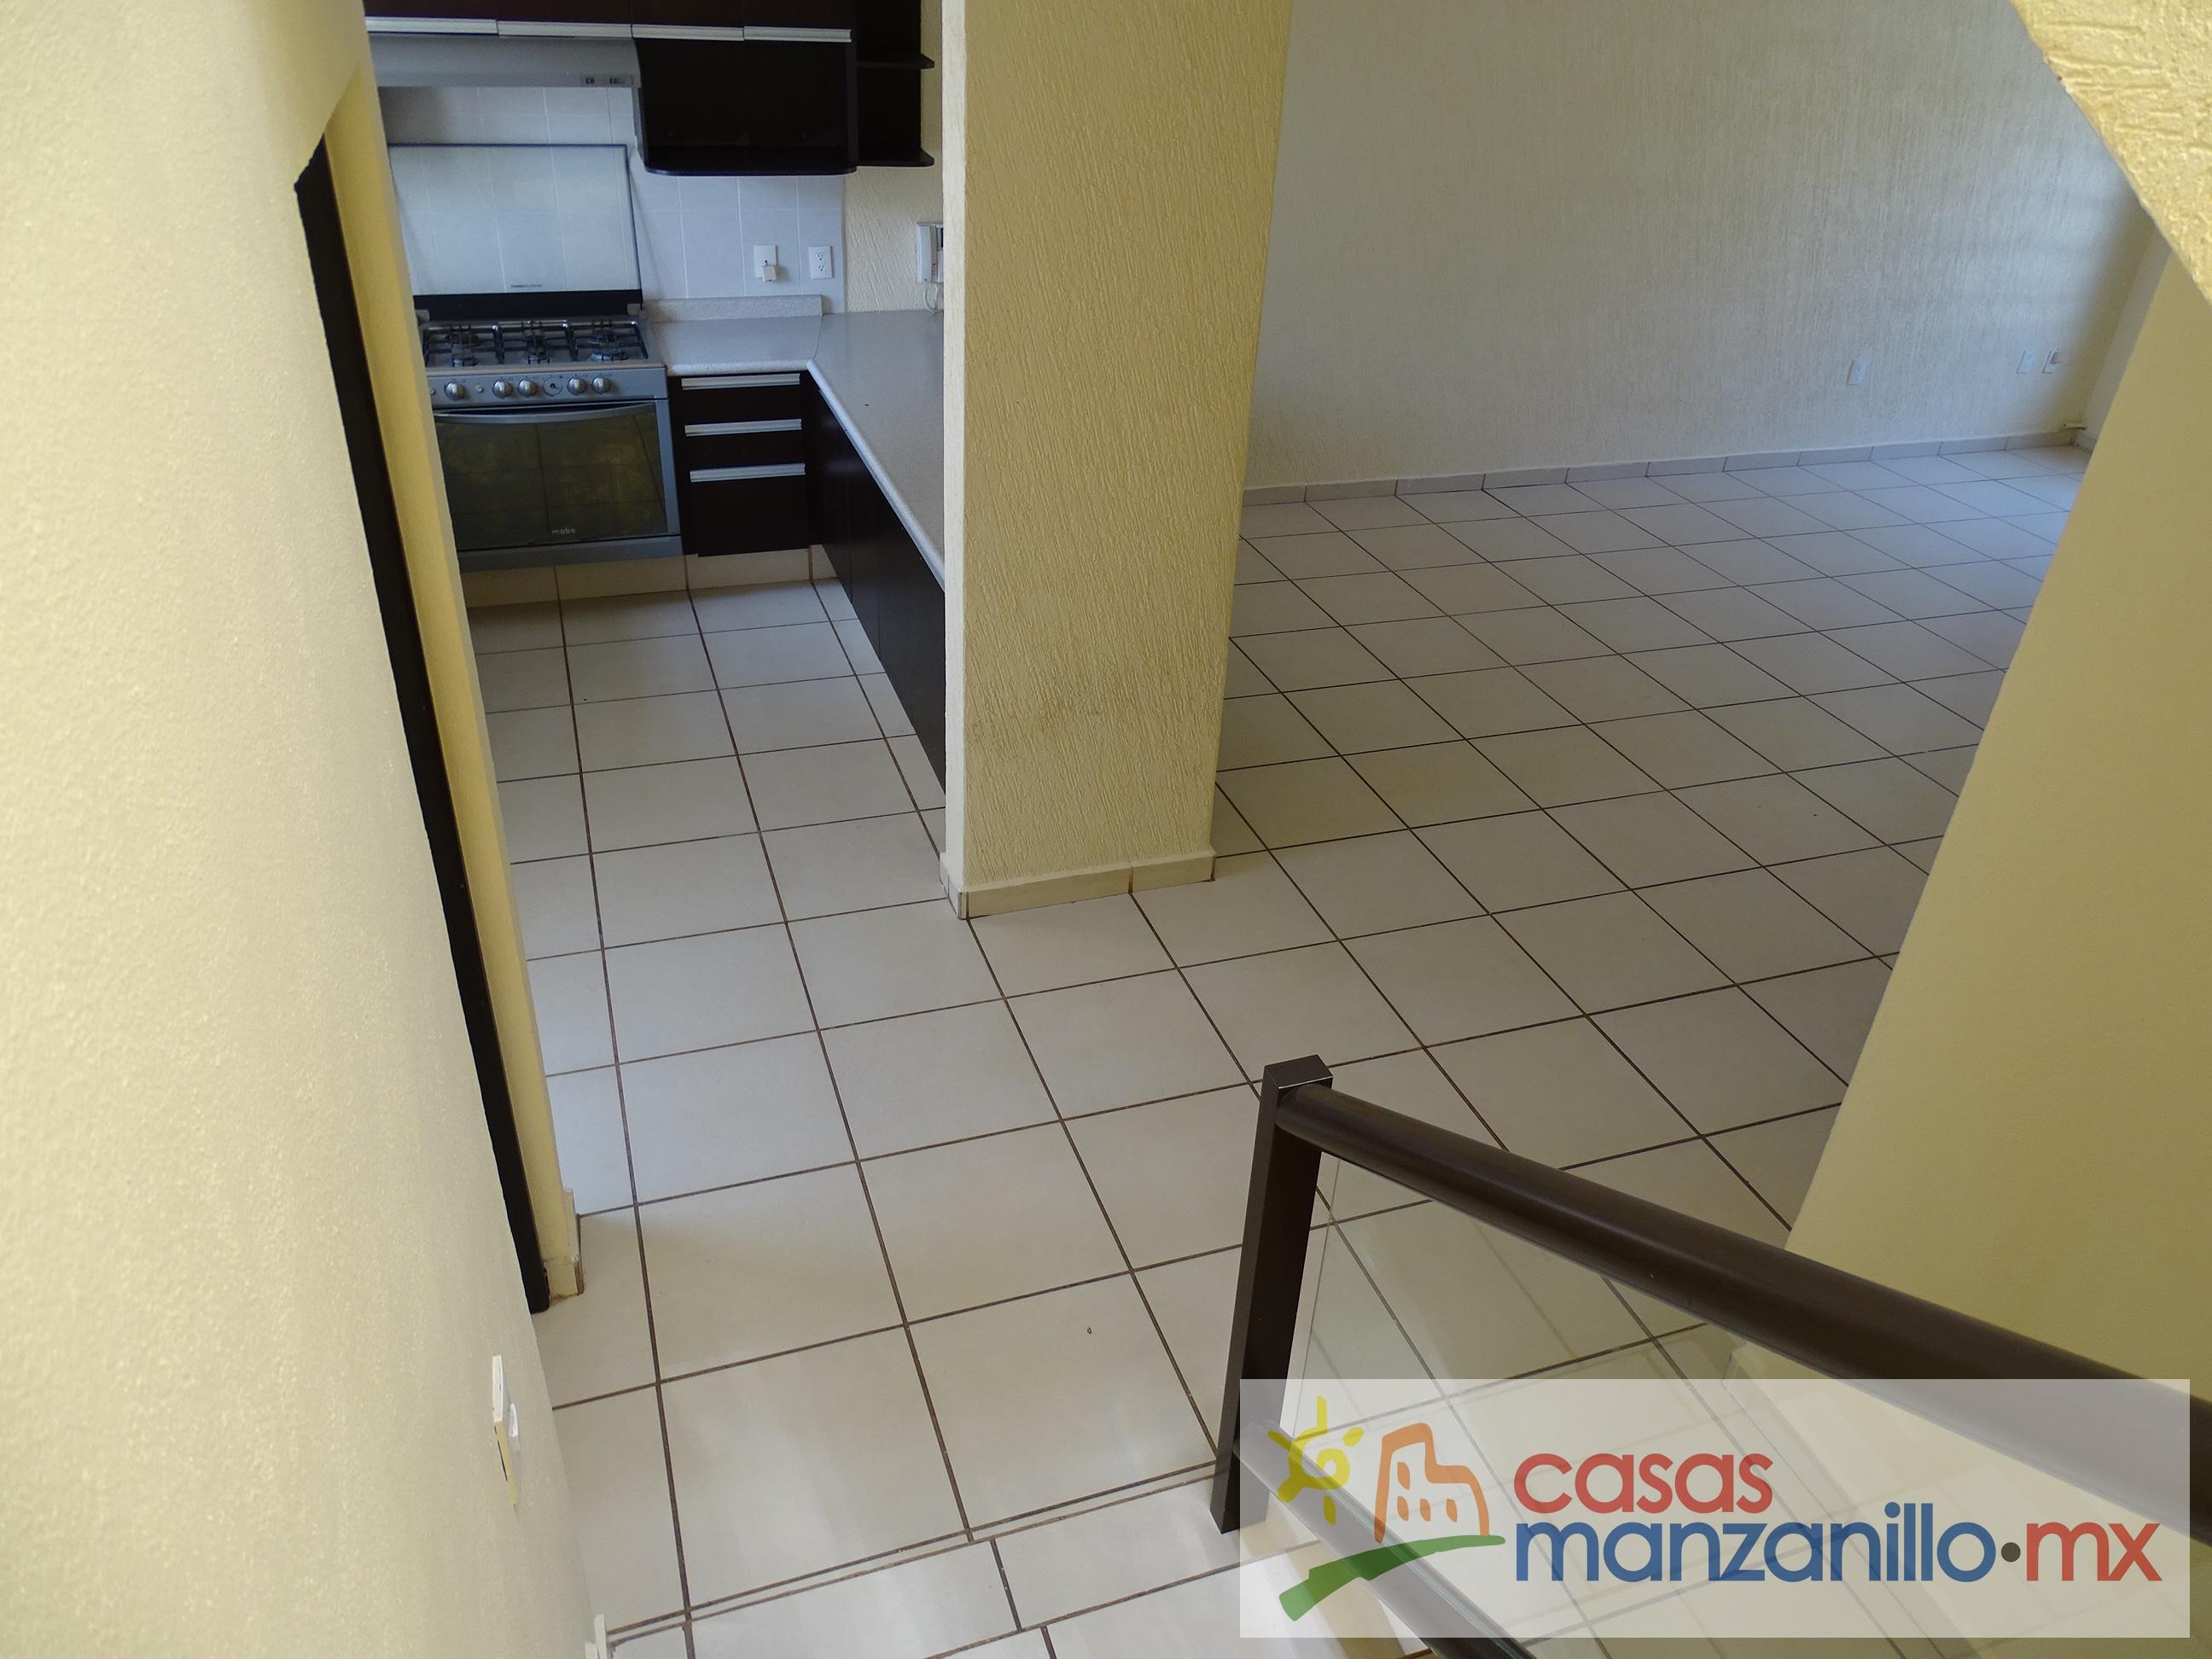 Casas RENTA Manzanillo - Almendros 3 (20